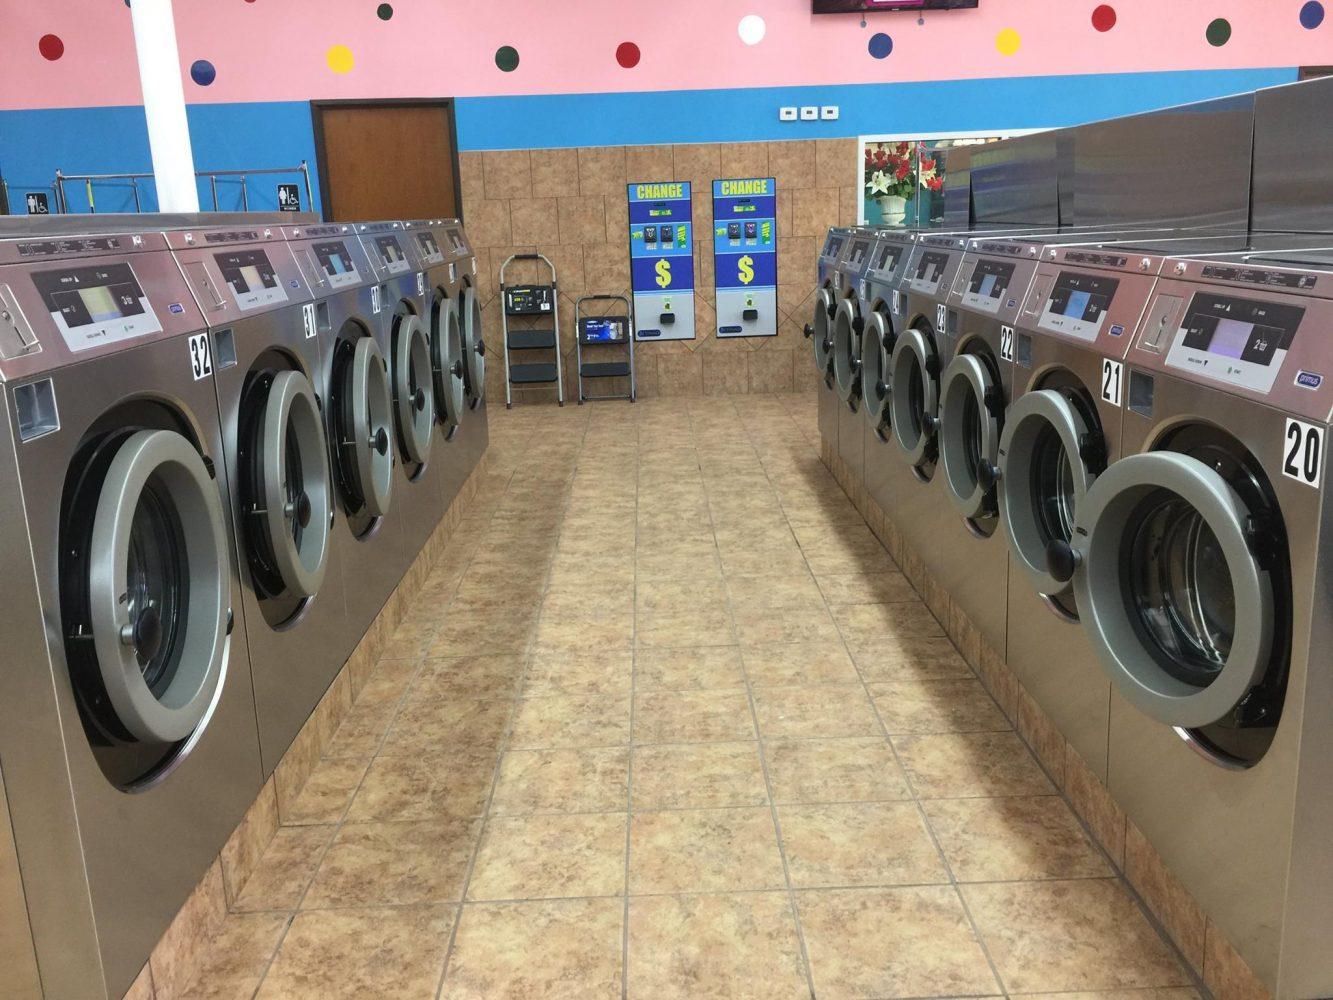 start my own laundromat